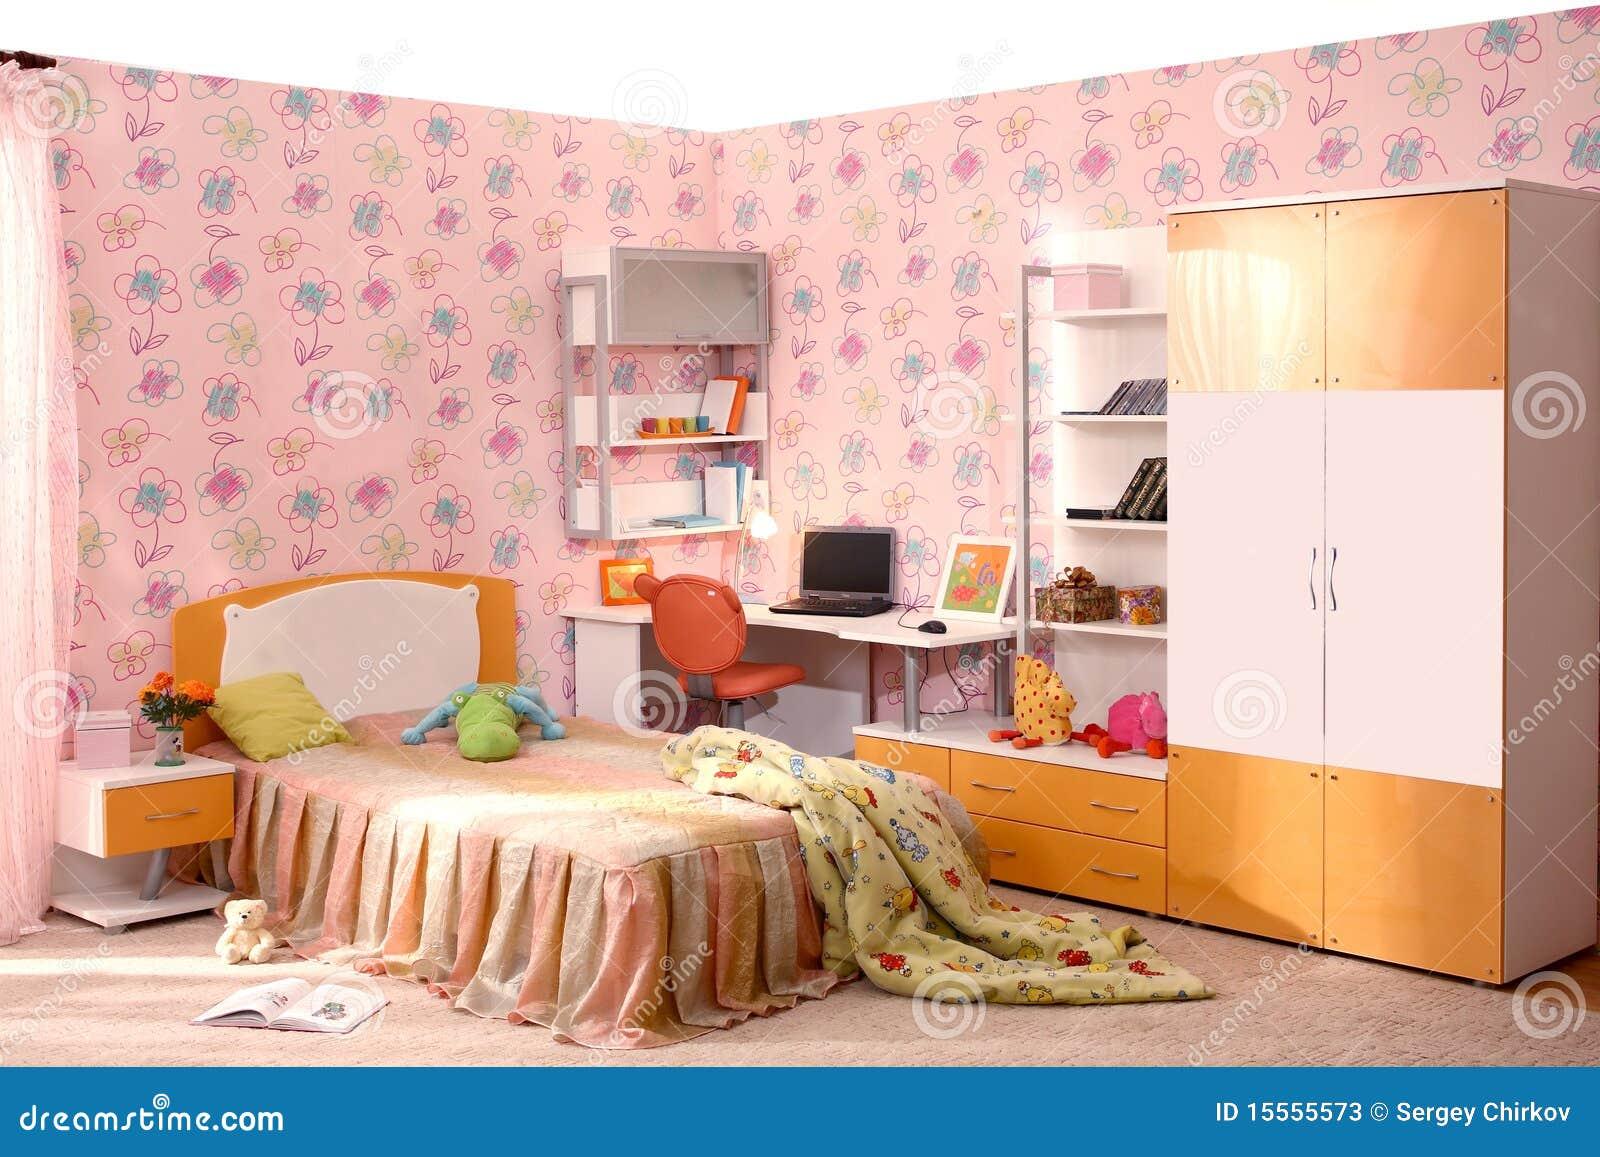 Children 39 S Room Stock Photos Image 15555573